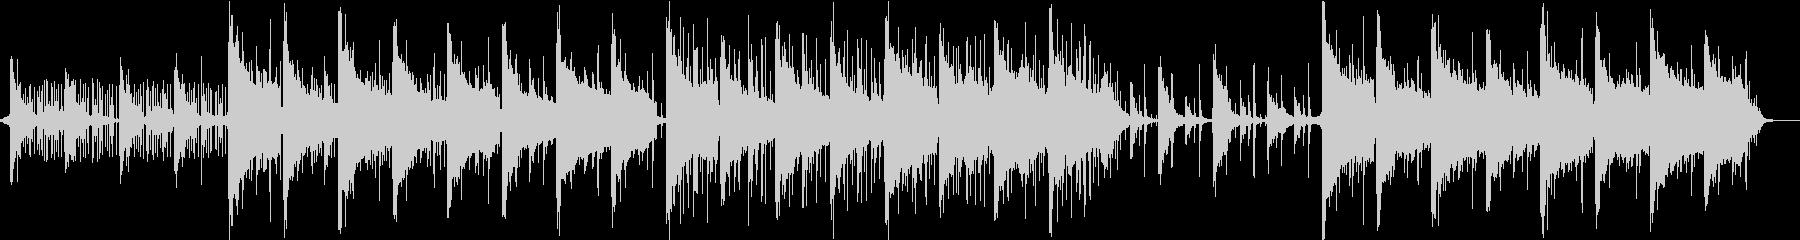 テック系アンビエントミニマルビート曲の未再生の波形